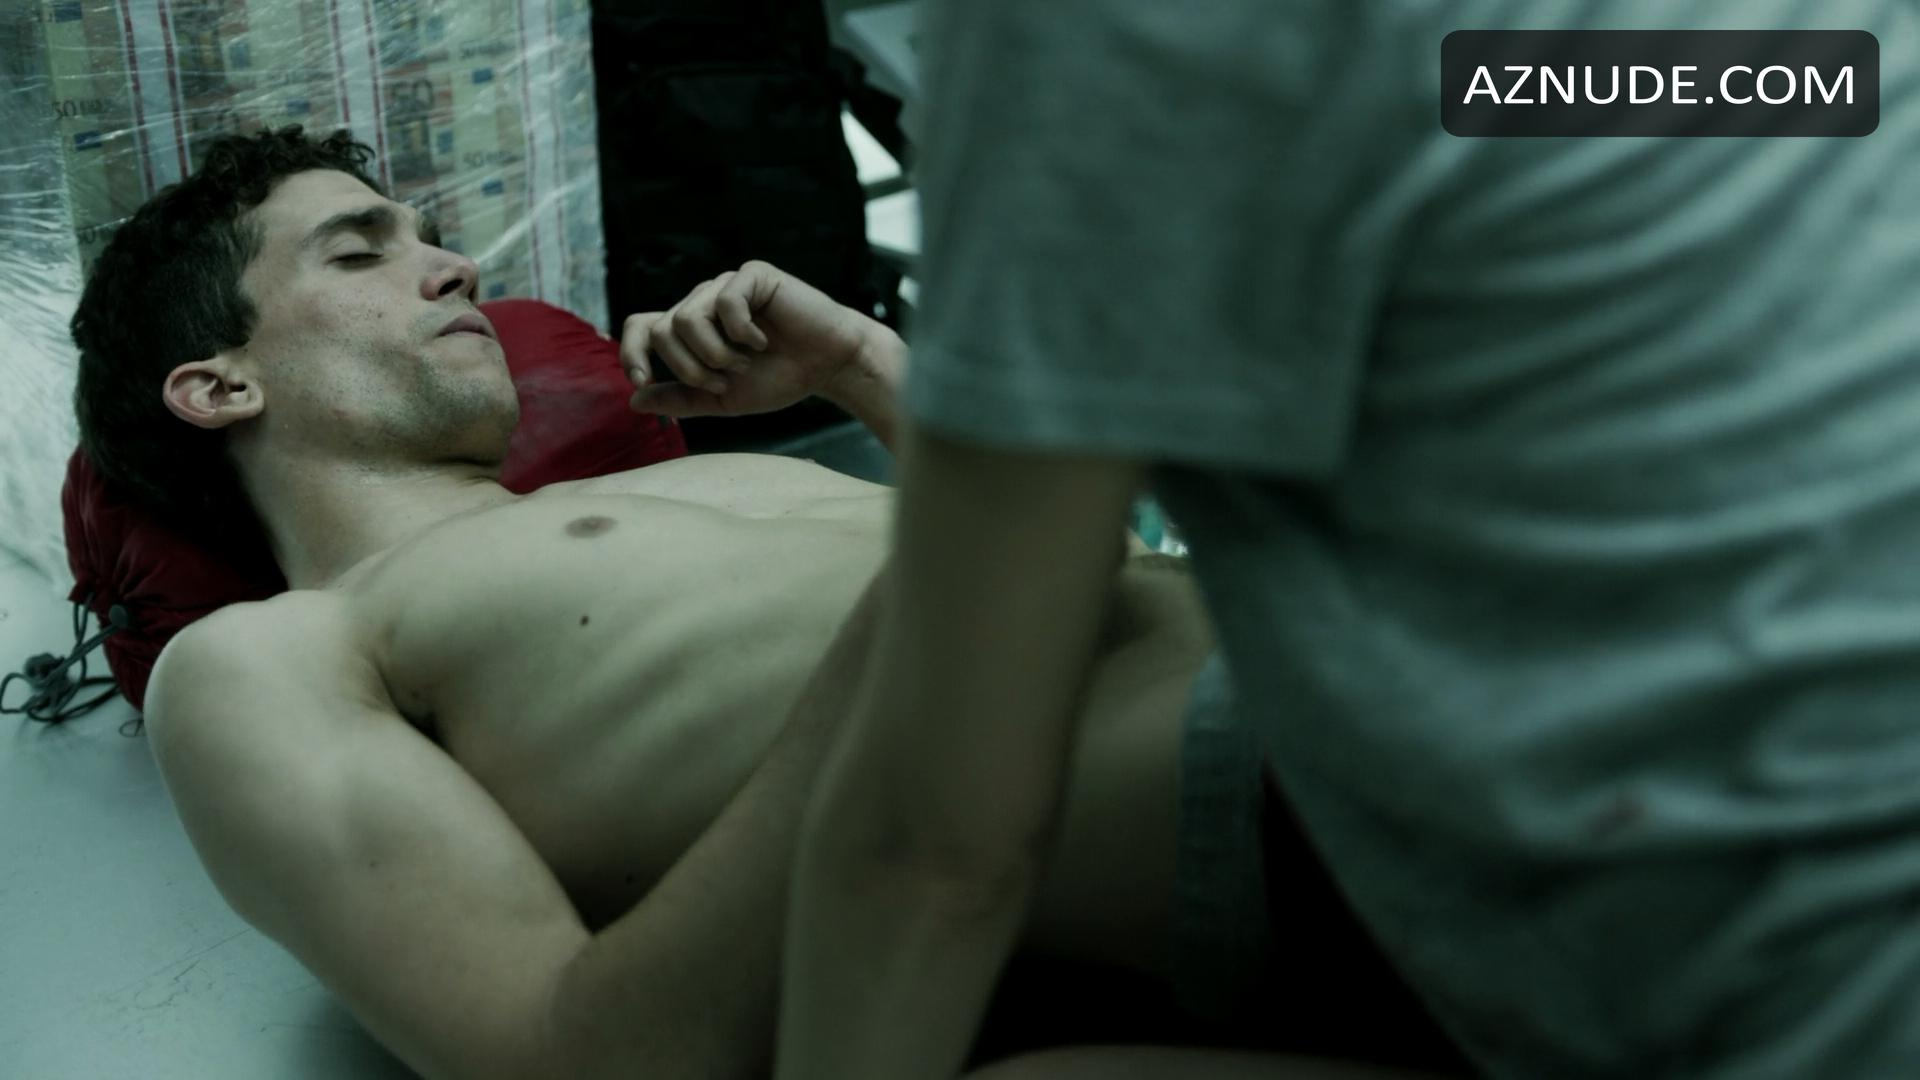 JAIME LORENTE Nude  AZNude Men